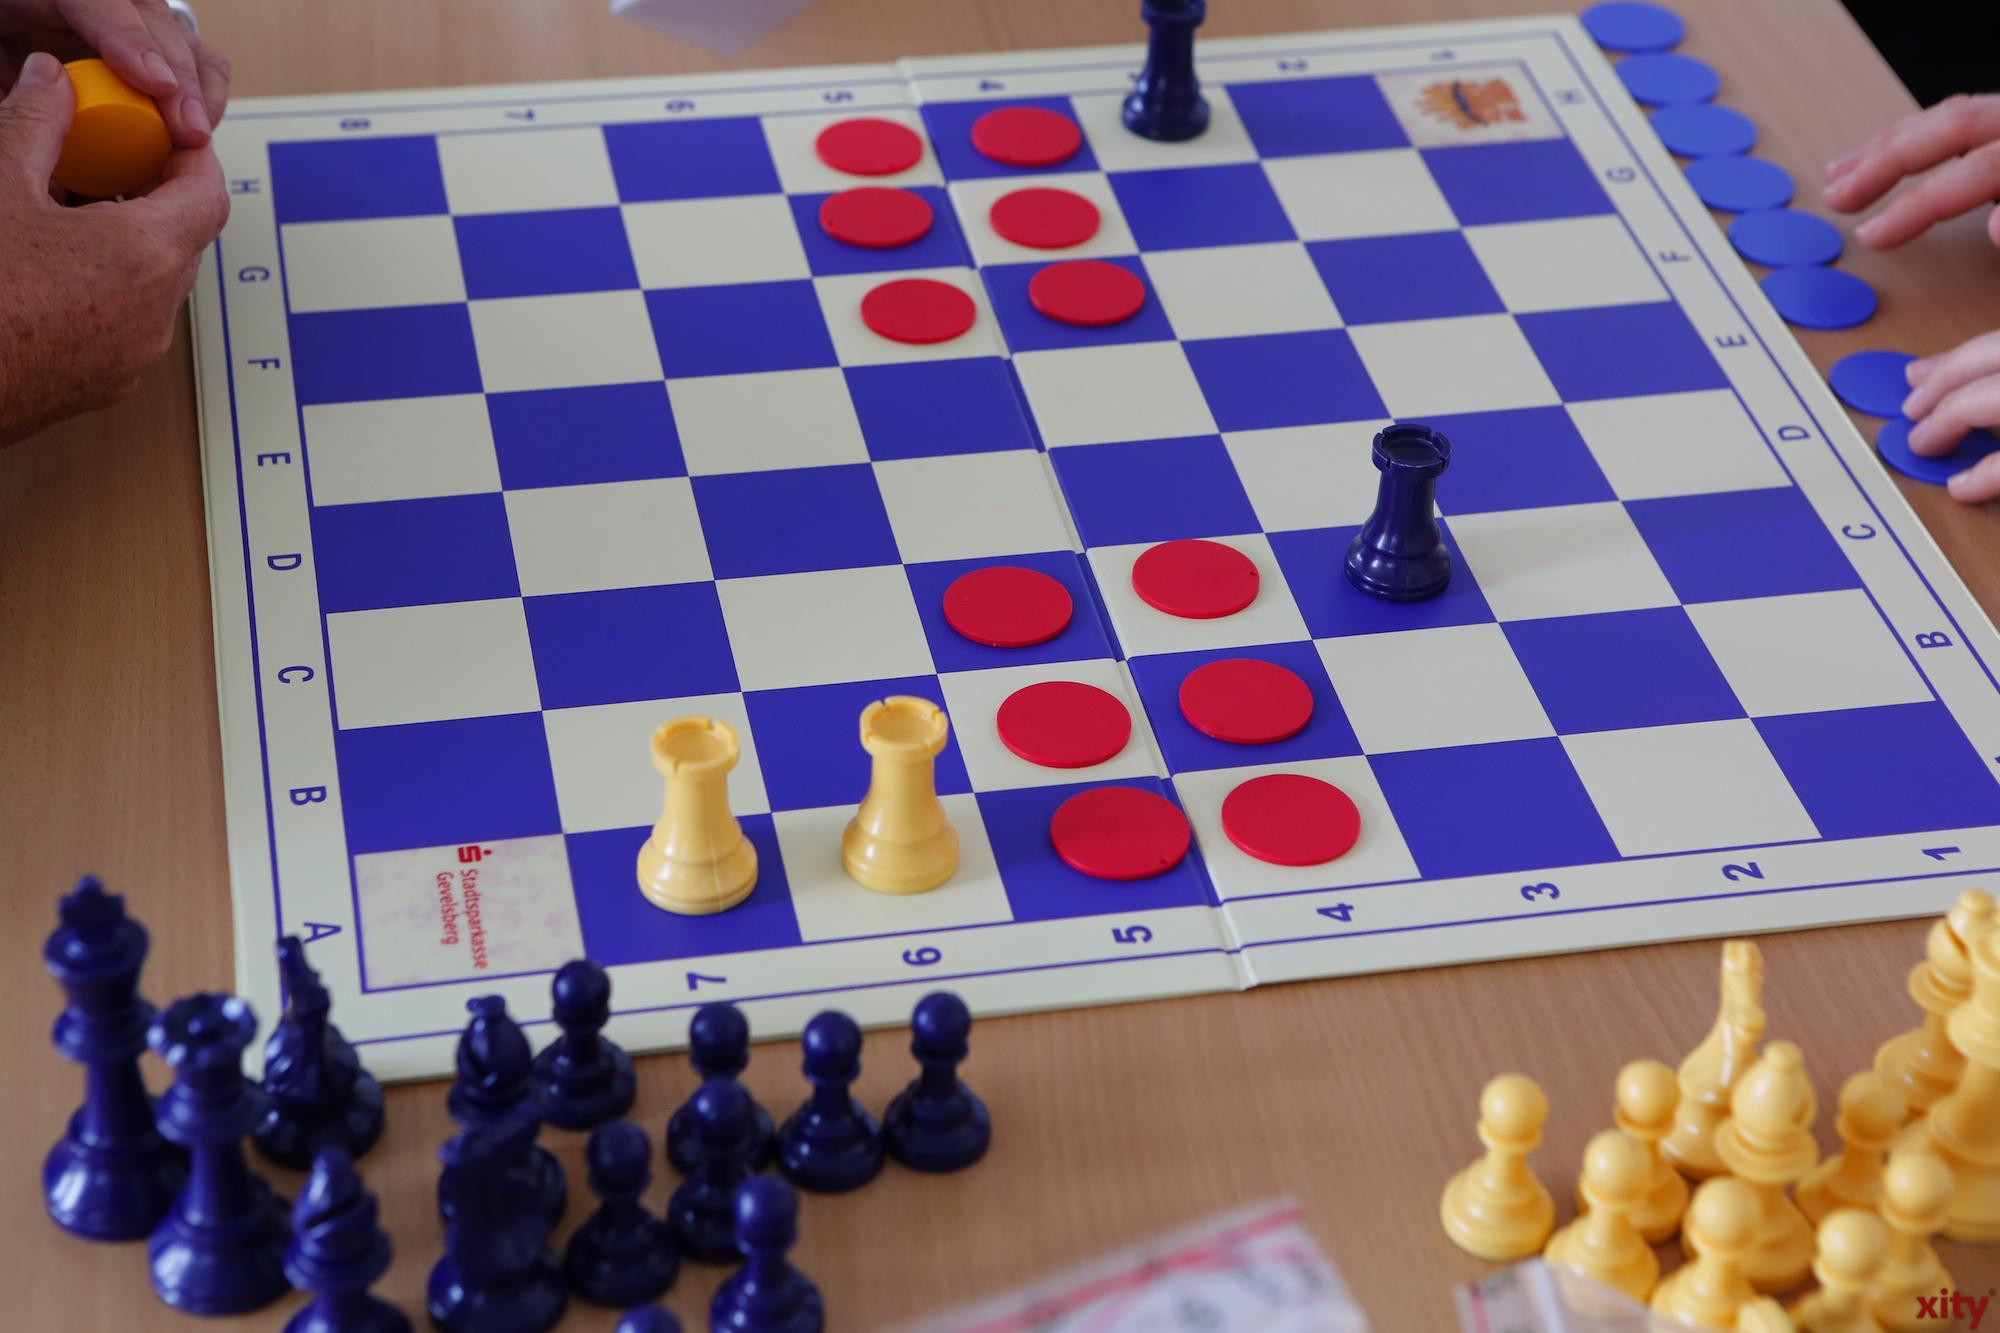 Zum lernen wurde Chips-Schach eingeführt (Foto: xity)